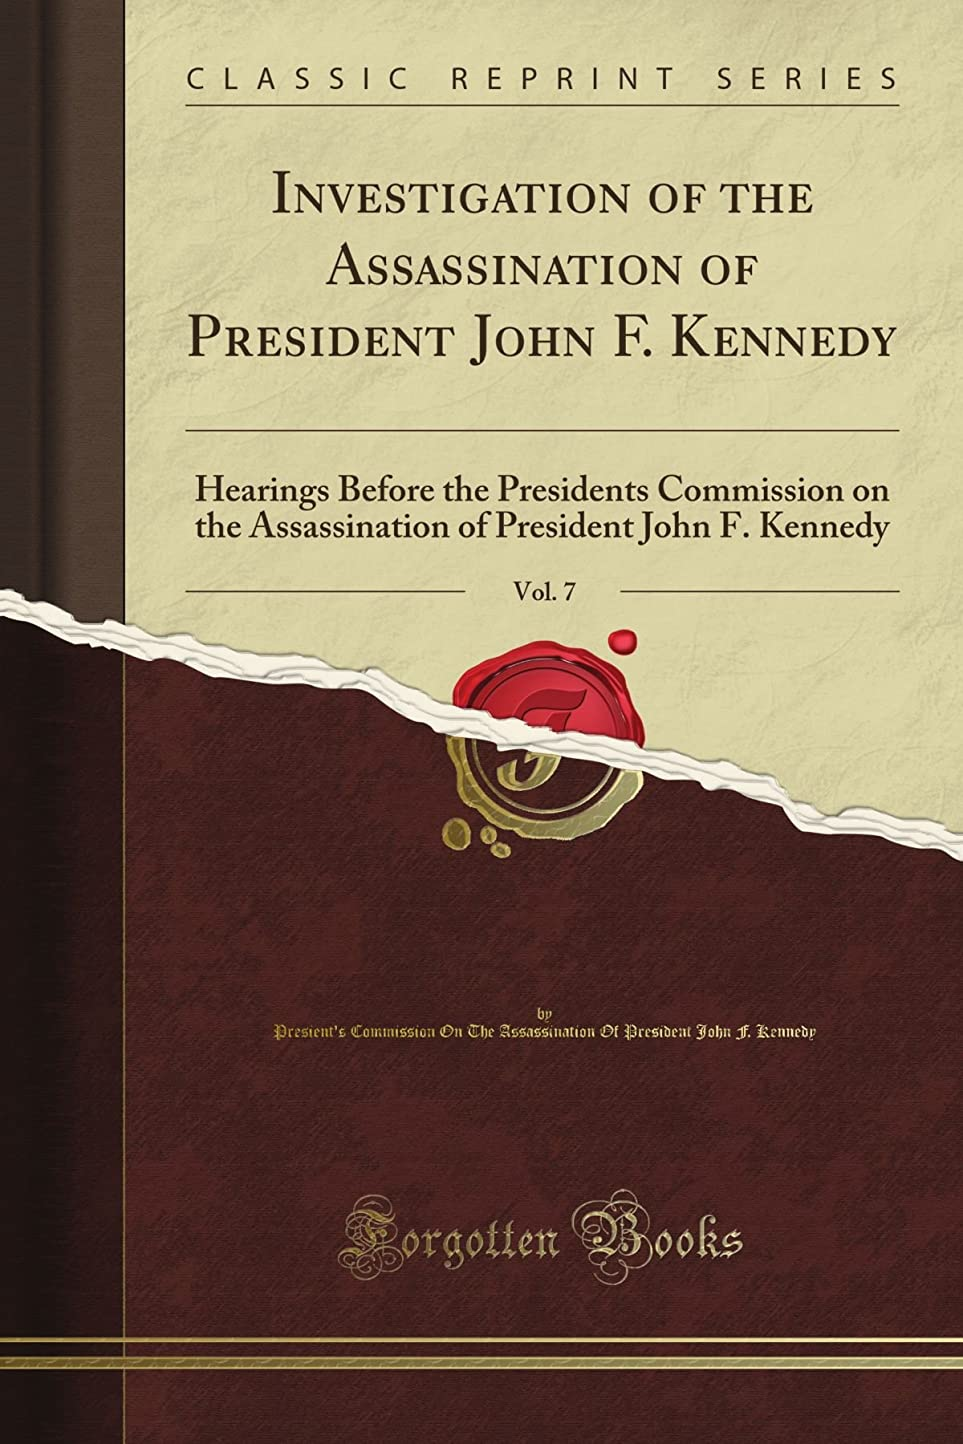 シンプルさ拘束する家Investigation of the Assassination of President John F. Kennedy: Hearings Before the President's Commission on the Assassination of President John F. Kennedy, Vol. 7 (Classic Reprint)